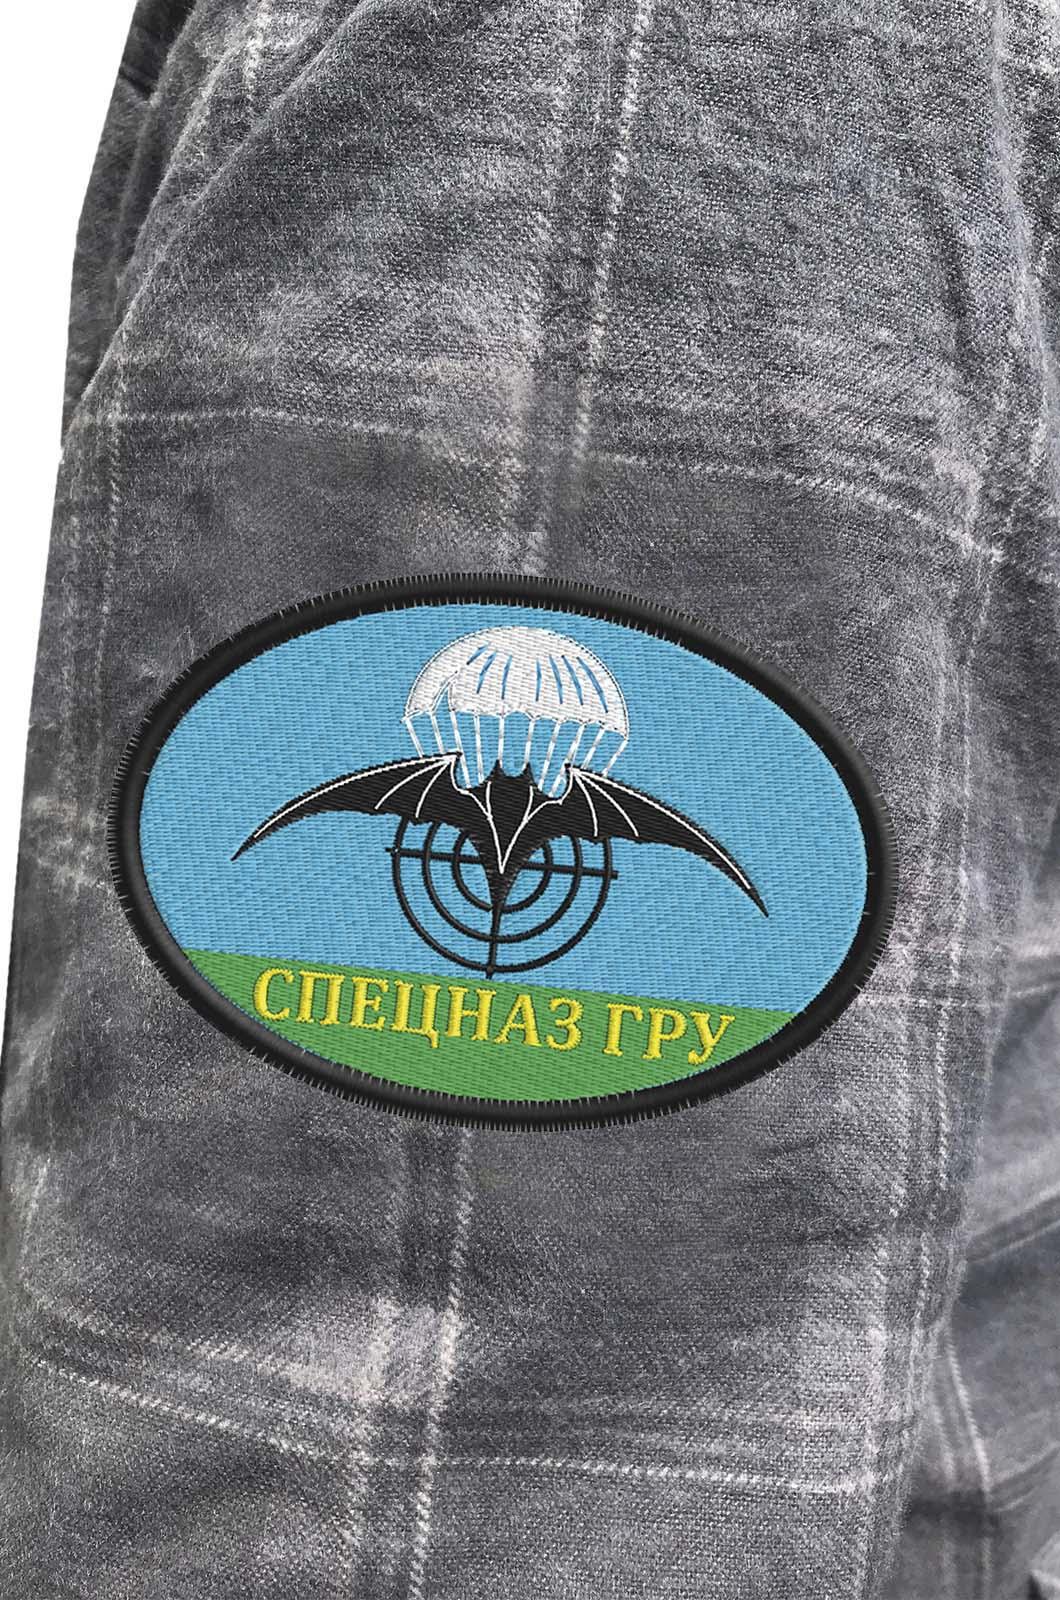 Рубашка мужская с нашивкой Спецназ ГРУ купить оптом